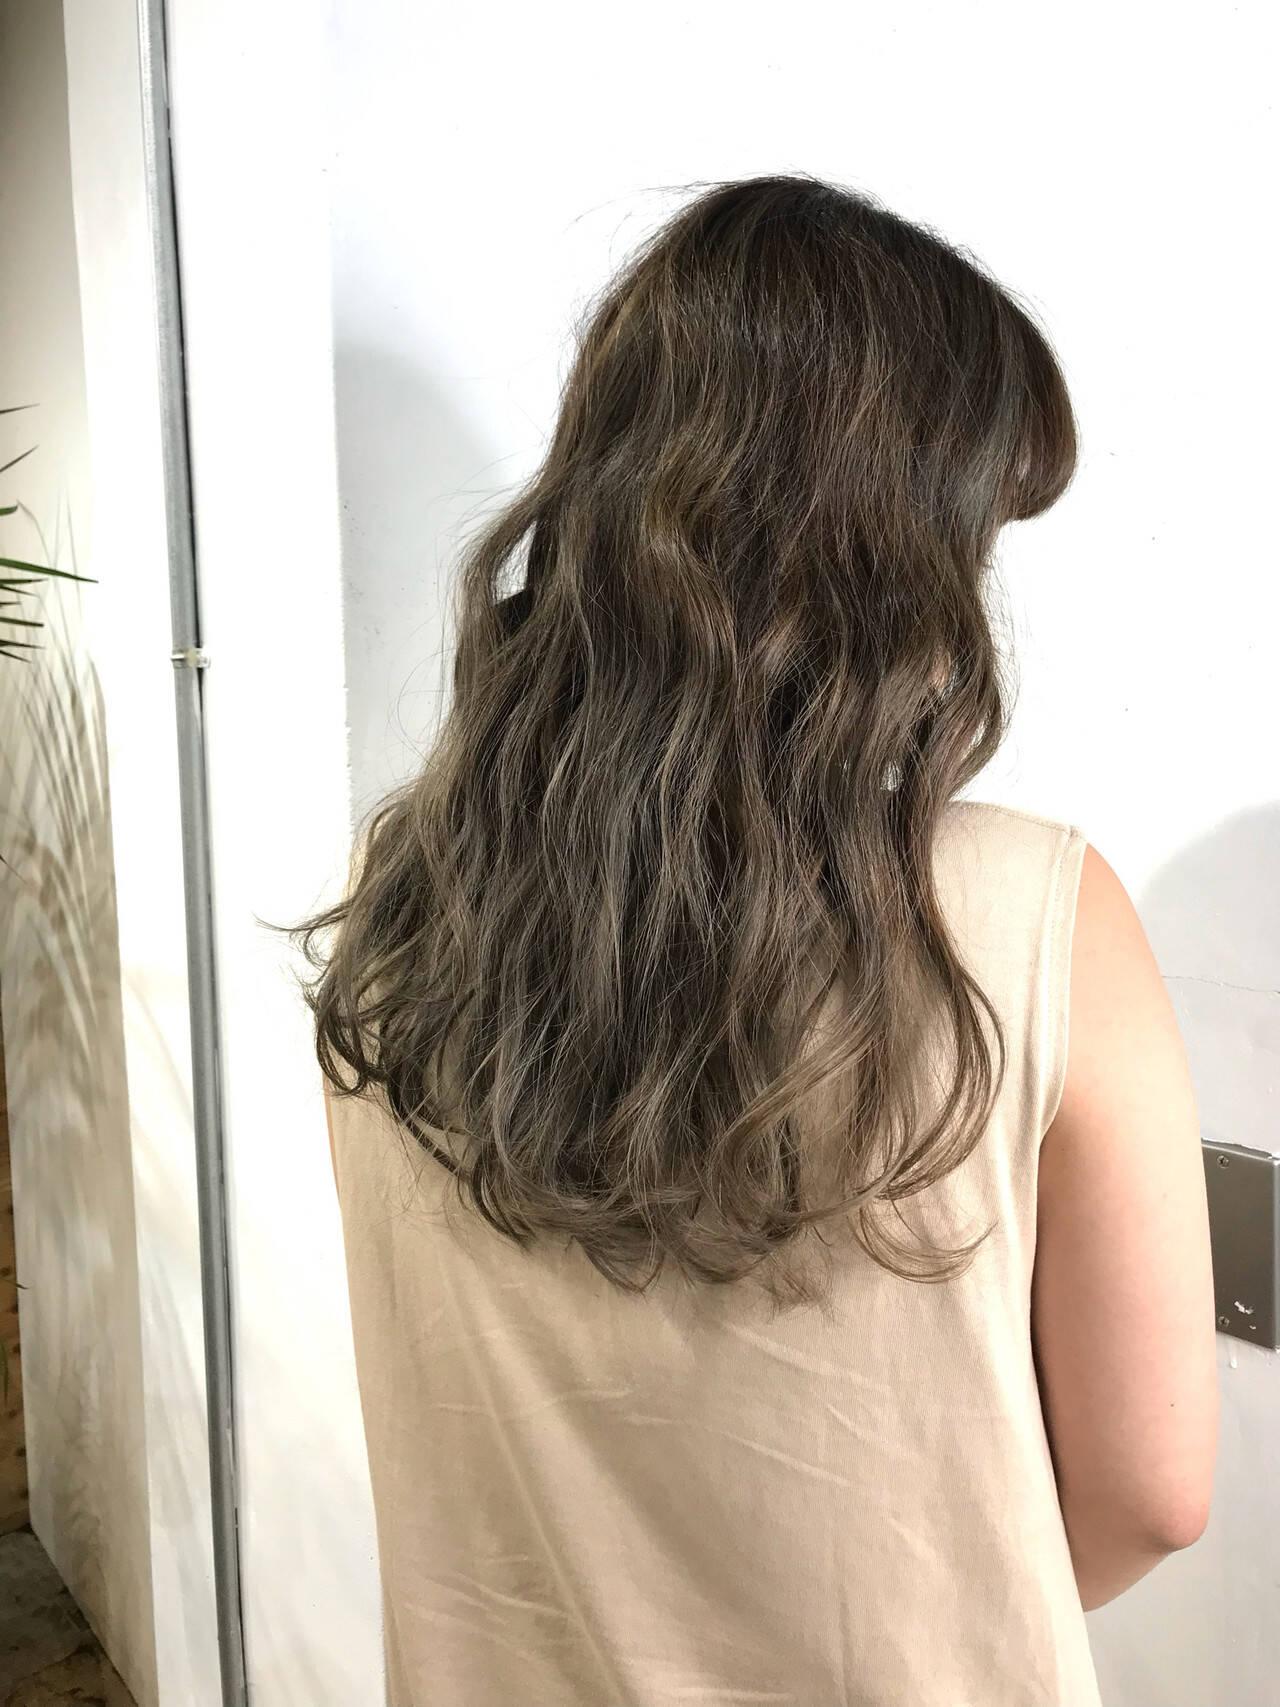 ハイトーンカラー ハイライト ストリート アッシュヘアスタイルや髪型の写真・画像